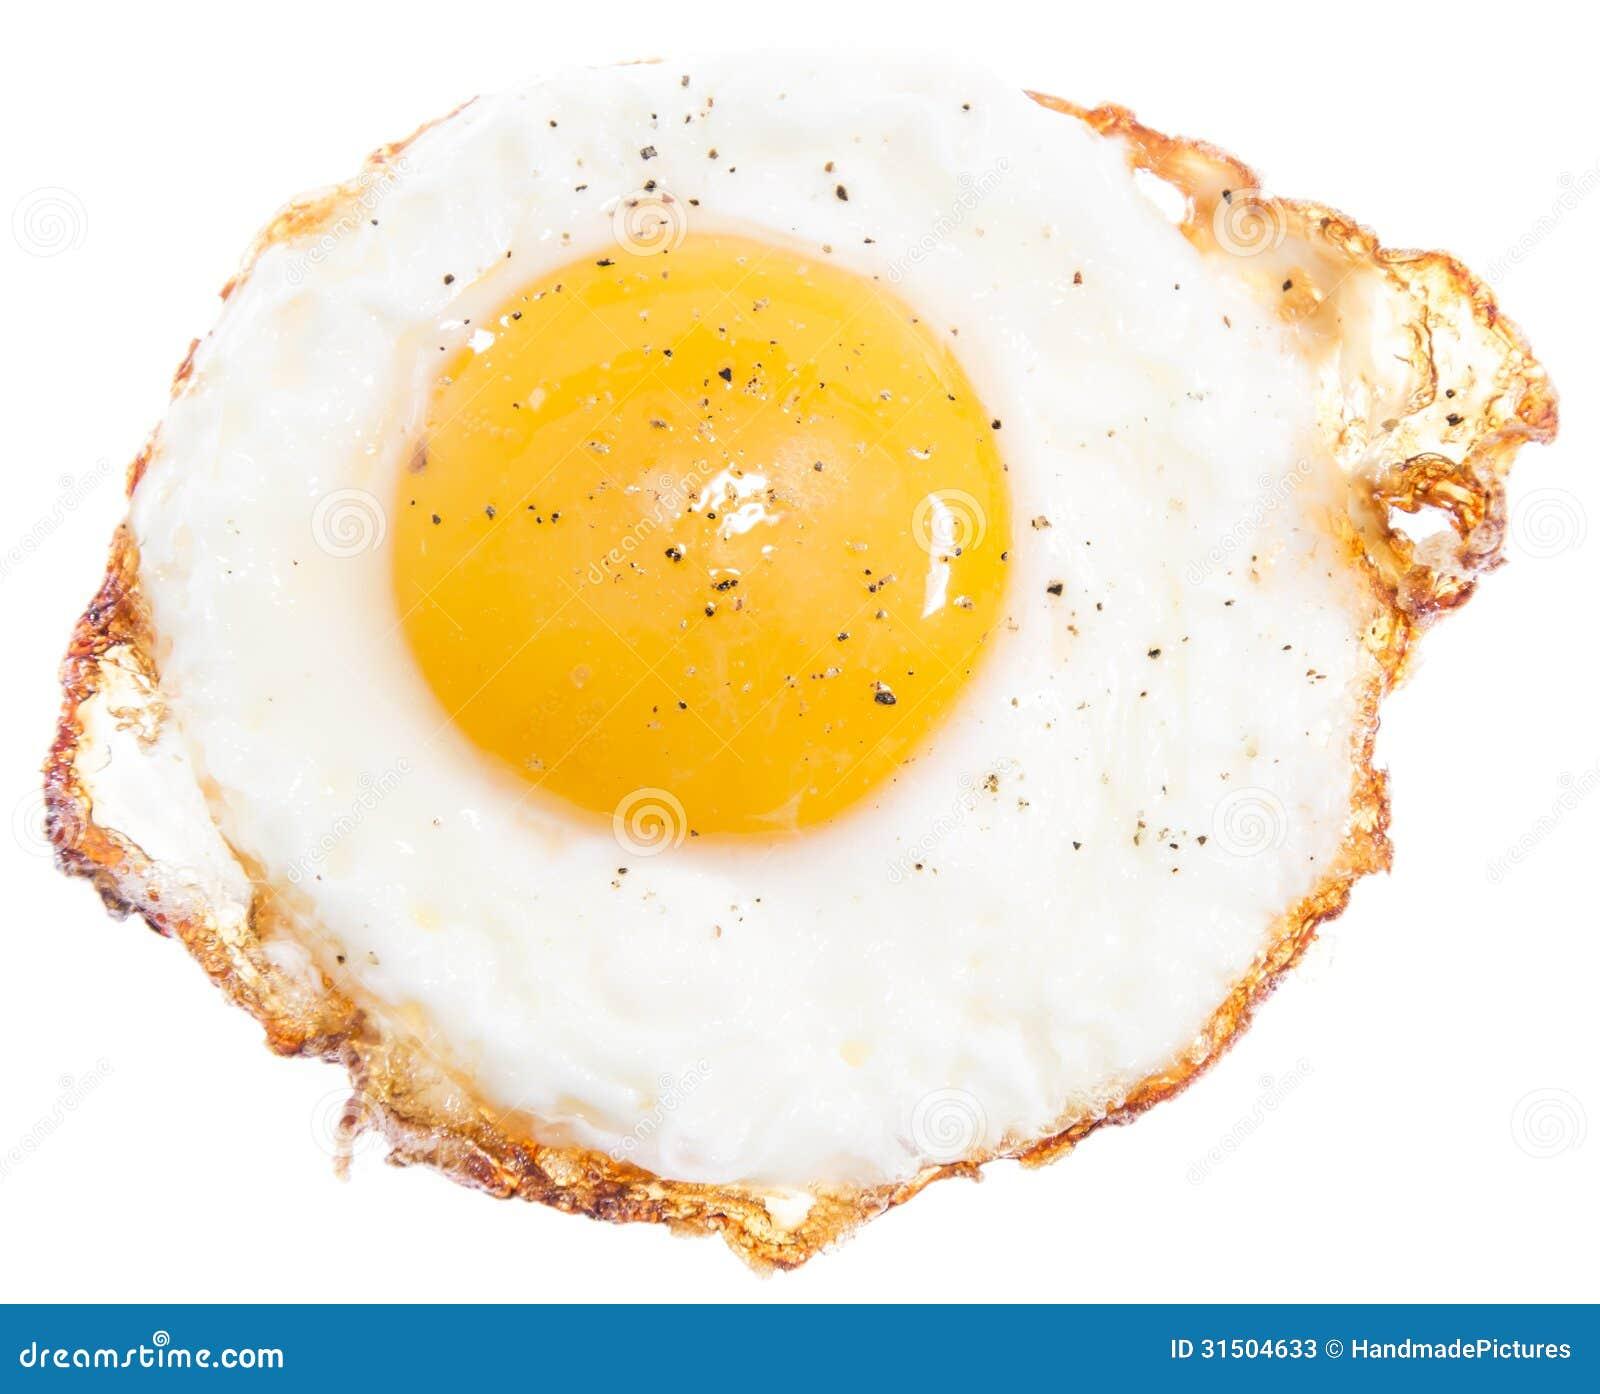 Fried Egg Isolated On White Stock Photos - Image: 31504633